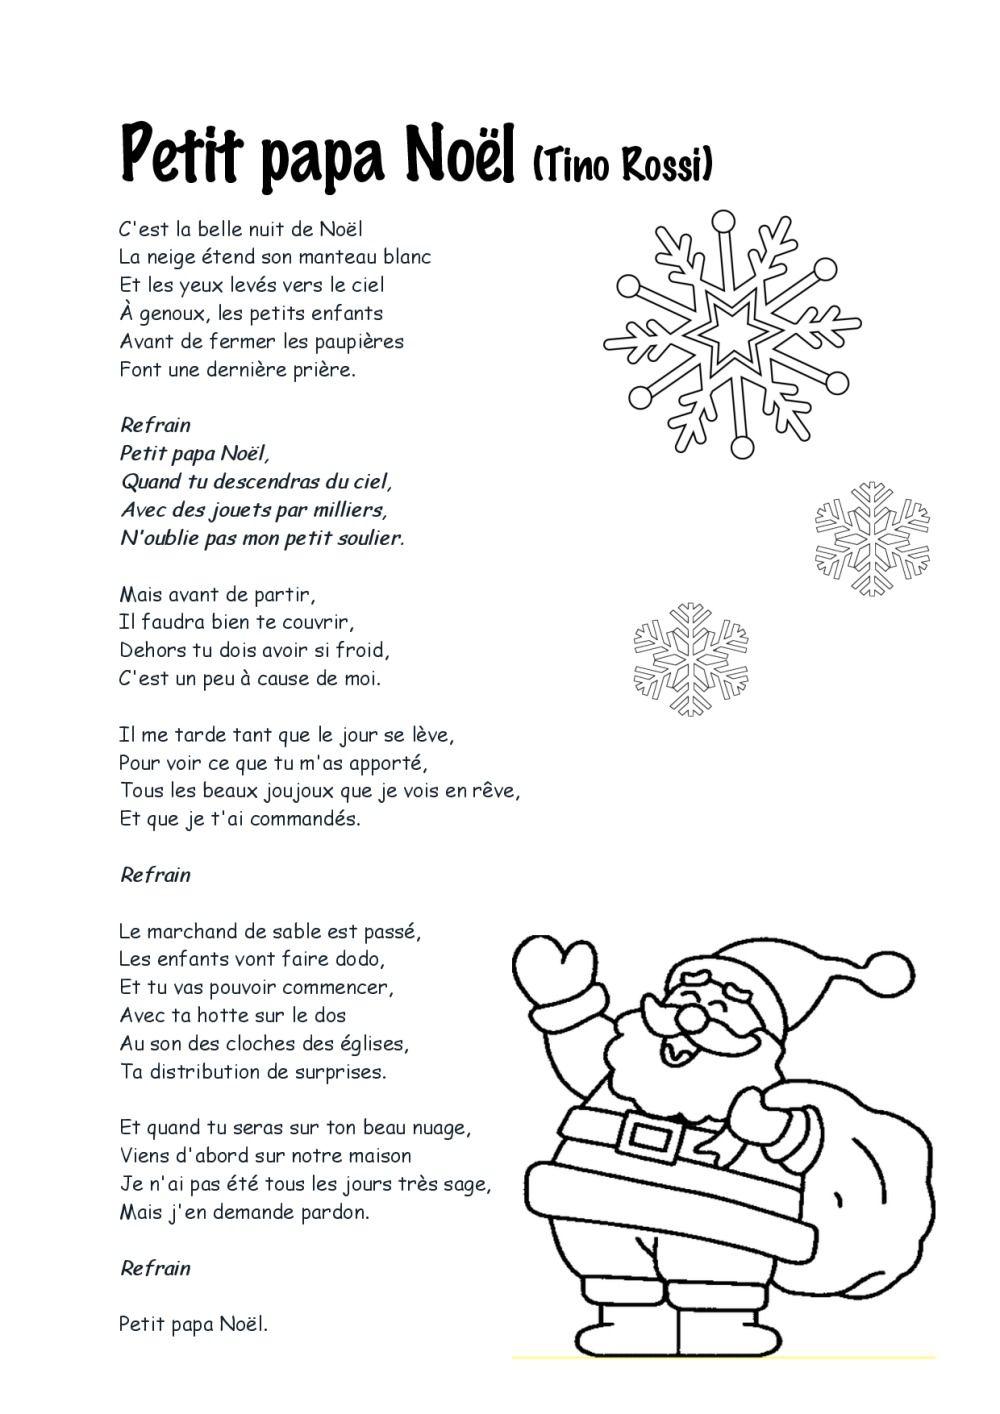 Paroles Chansons De Noël | Bdrp | Chanson De Noel, Chanson tout Papa Noel Parole